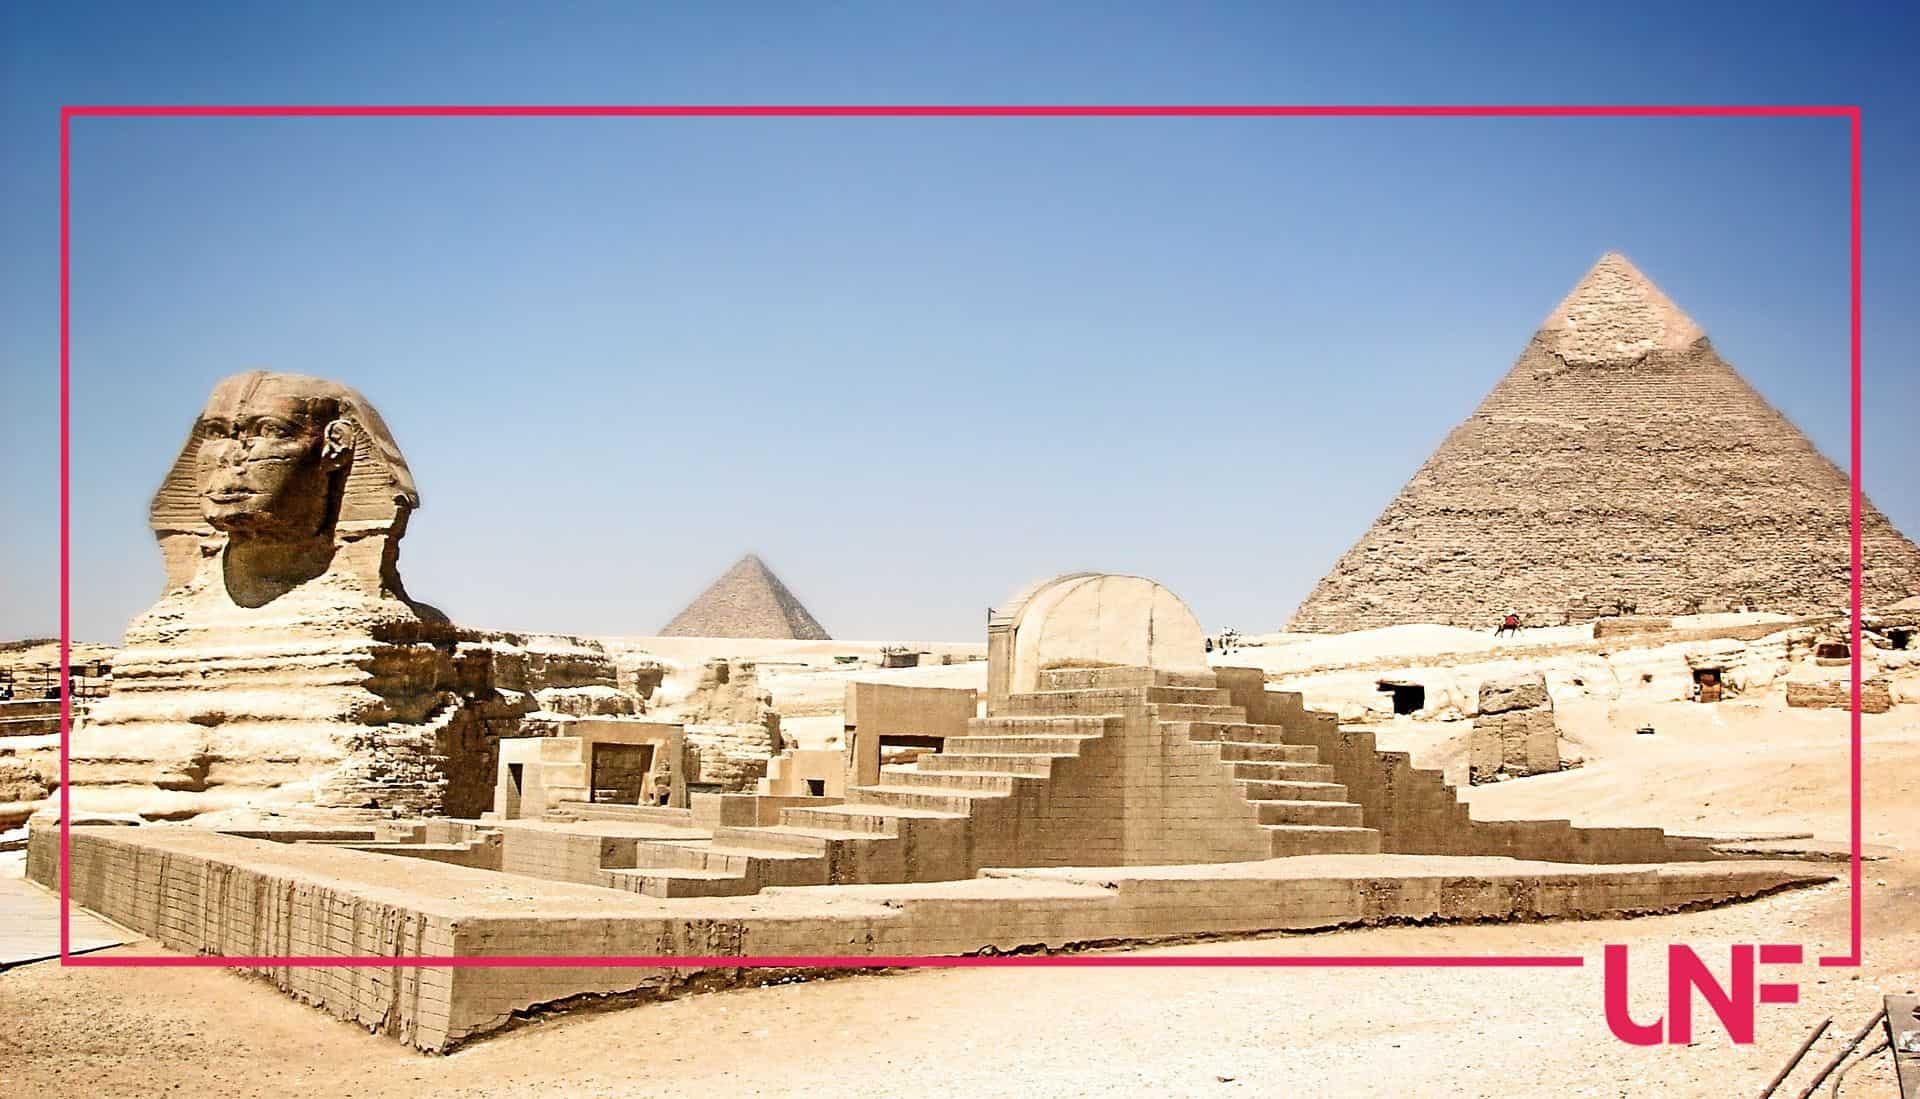 Viaggi in Egitto nell'era del Covid: la procedura da seguire (compreso il visto)